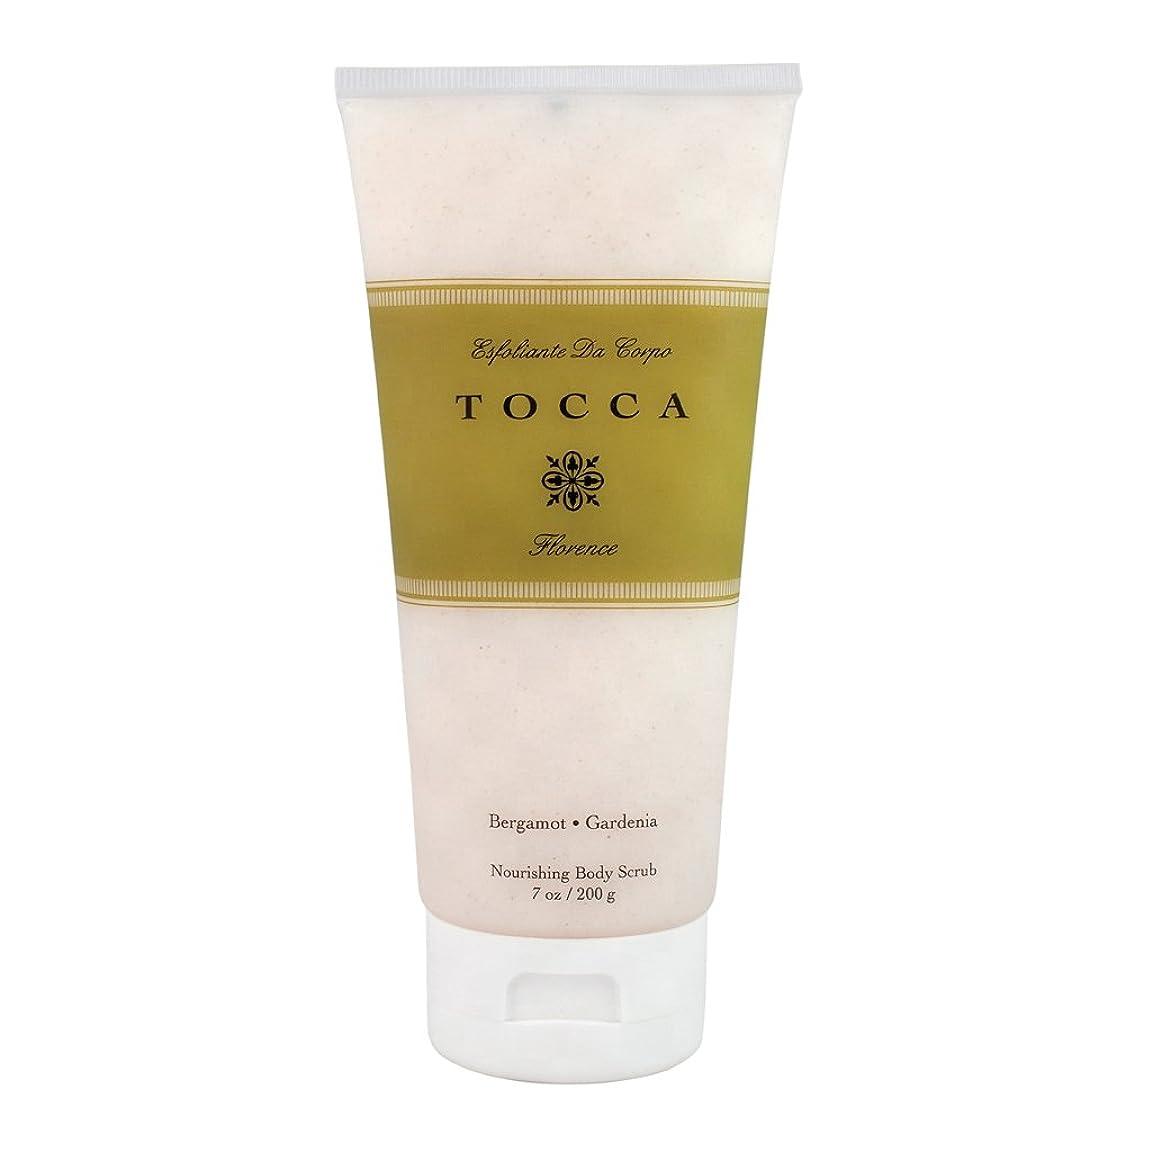 リル上がるハーネストッカ(TOCCA) ボディーケアスクラブ フローレンスの香り 200ml(全身?ボディー用マッサージ料 ガーデニアとベルガモットが誘うように溶け合うどこまでも上品なフローラルの香り)